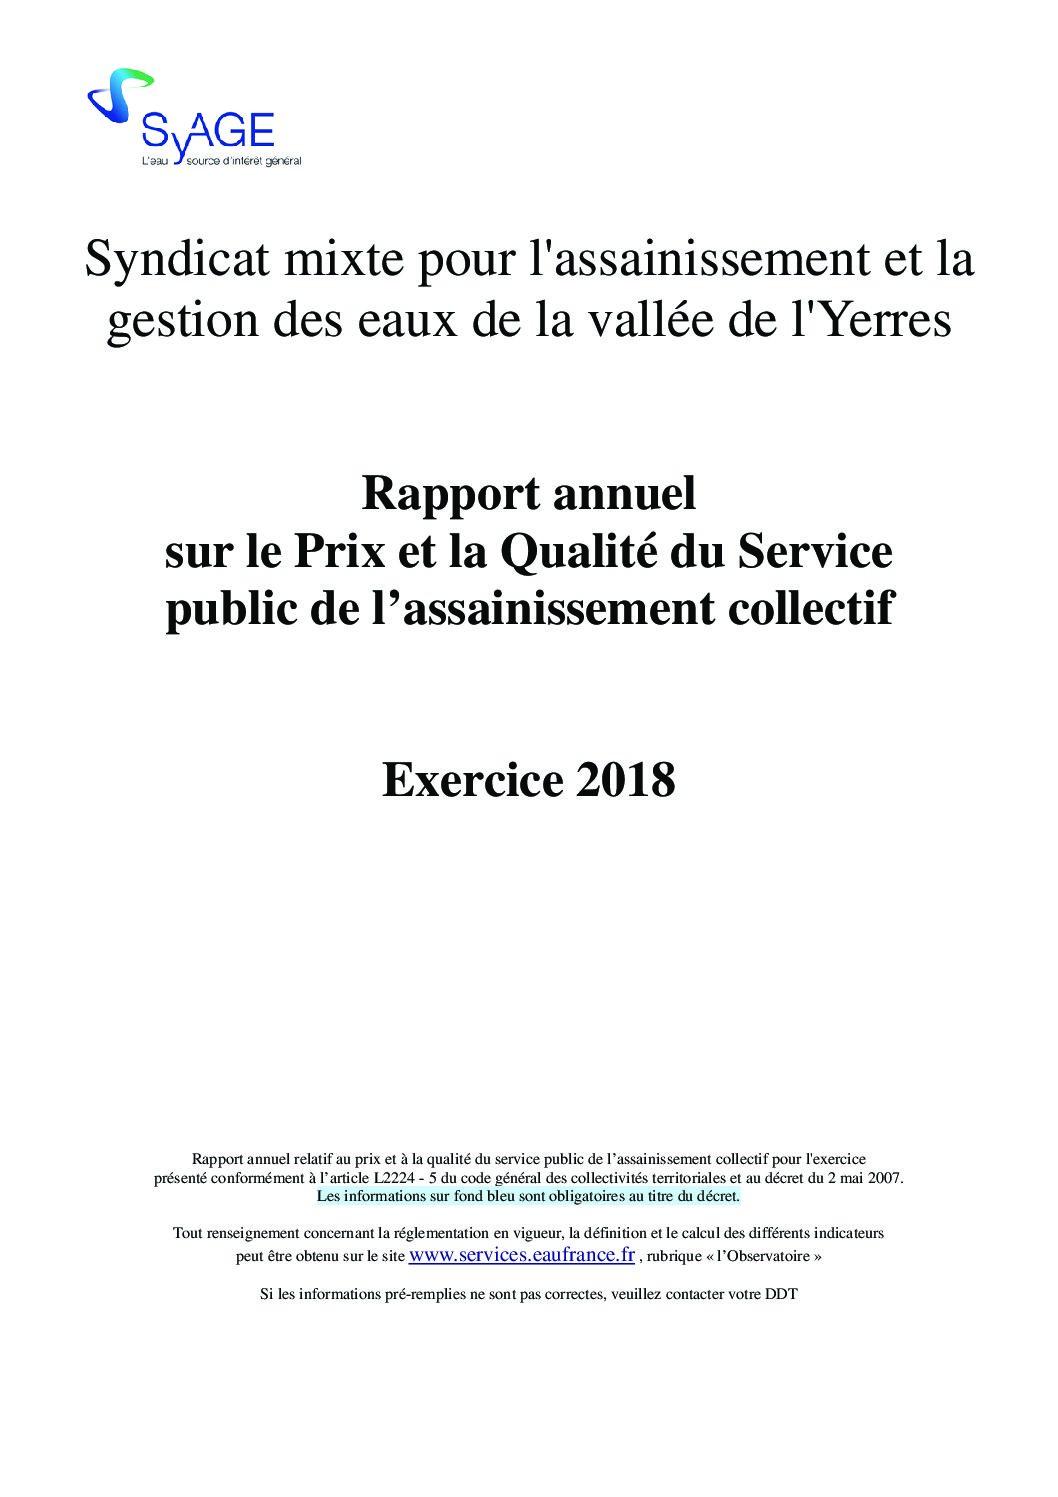 Prix et qualité du service public de l'assainissement collectif en 2018